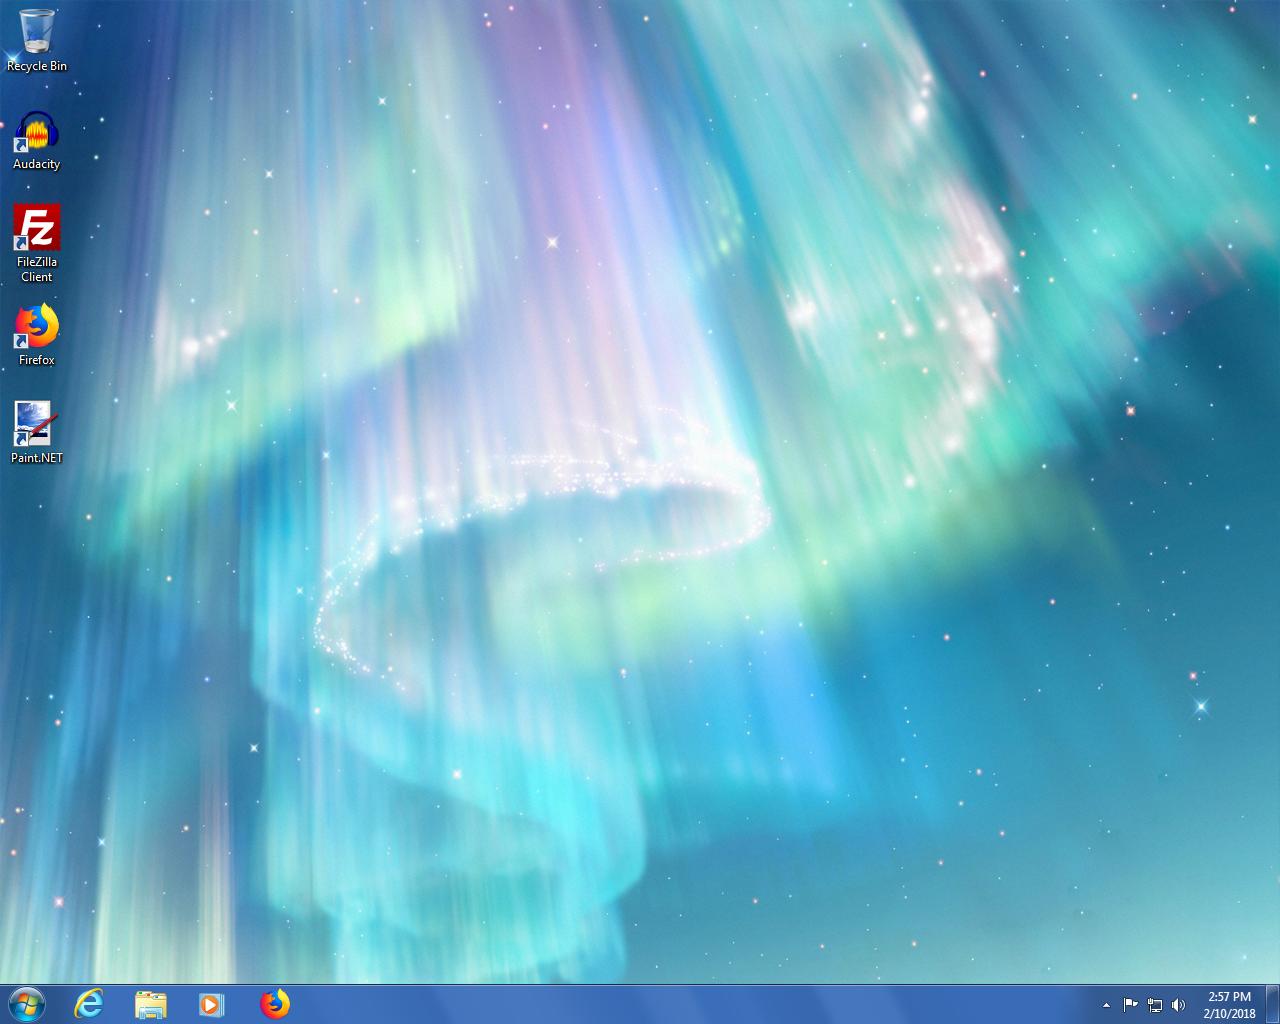 View topic - Social: The Desktop Screenshot Thread - BetaArchive